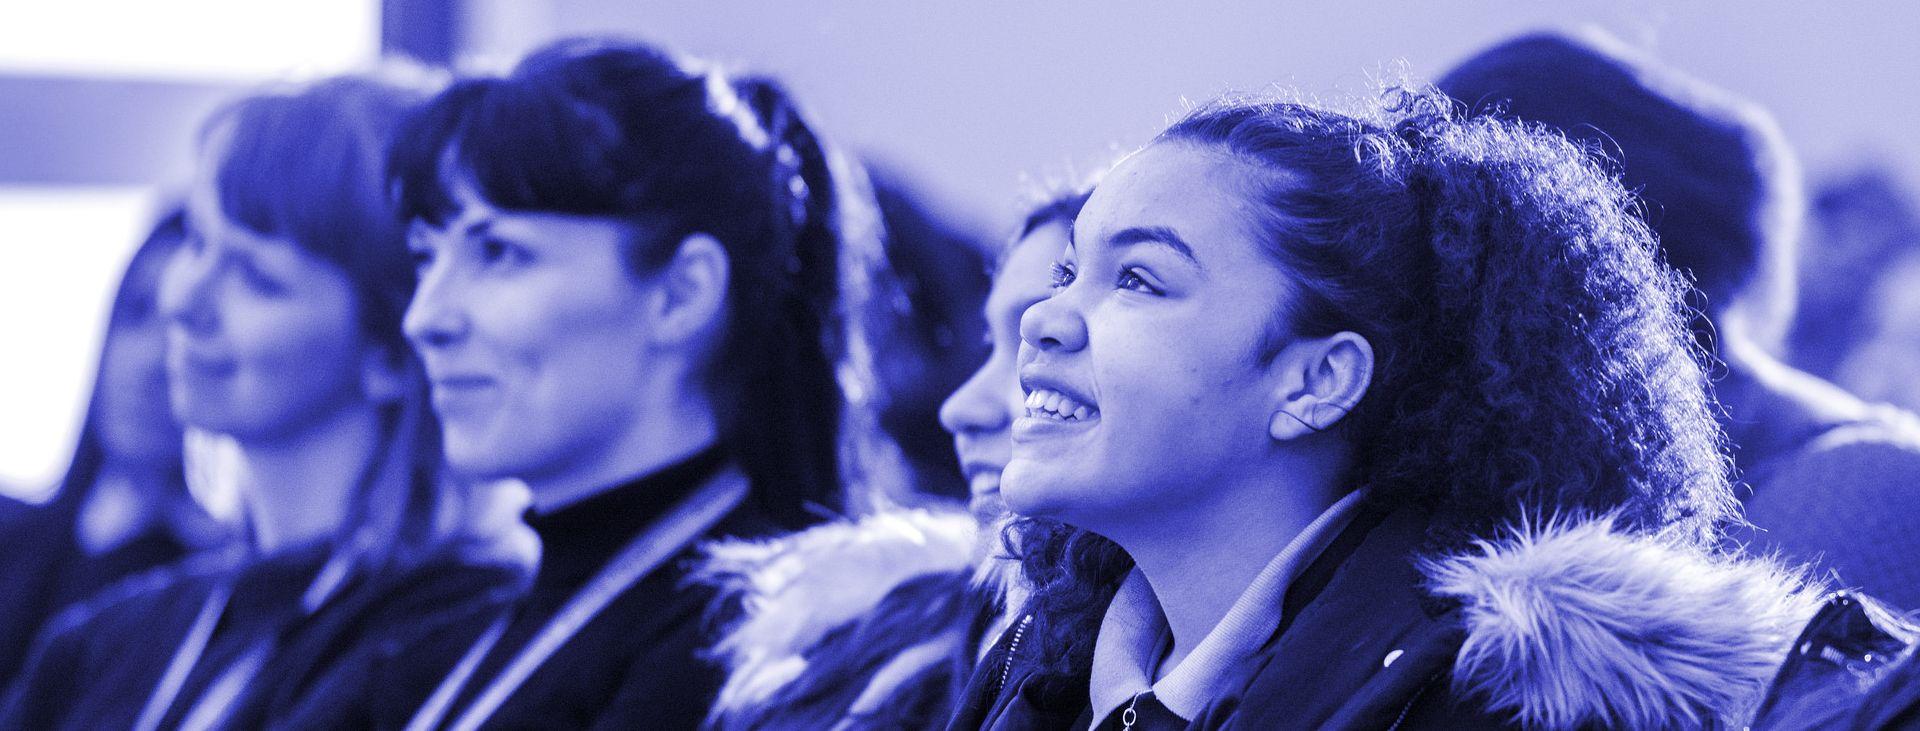 Inspiring Young Women